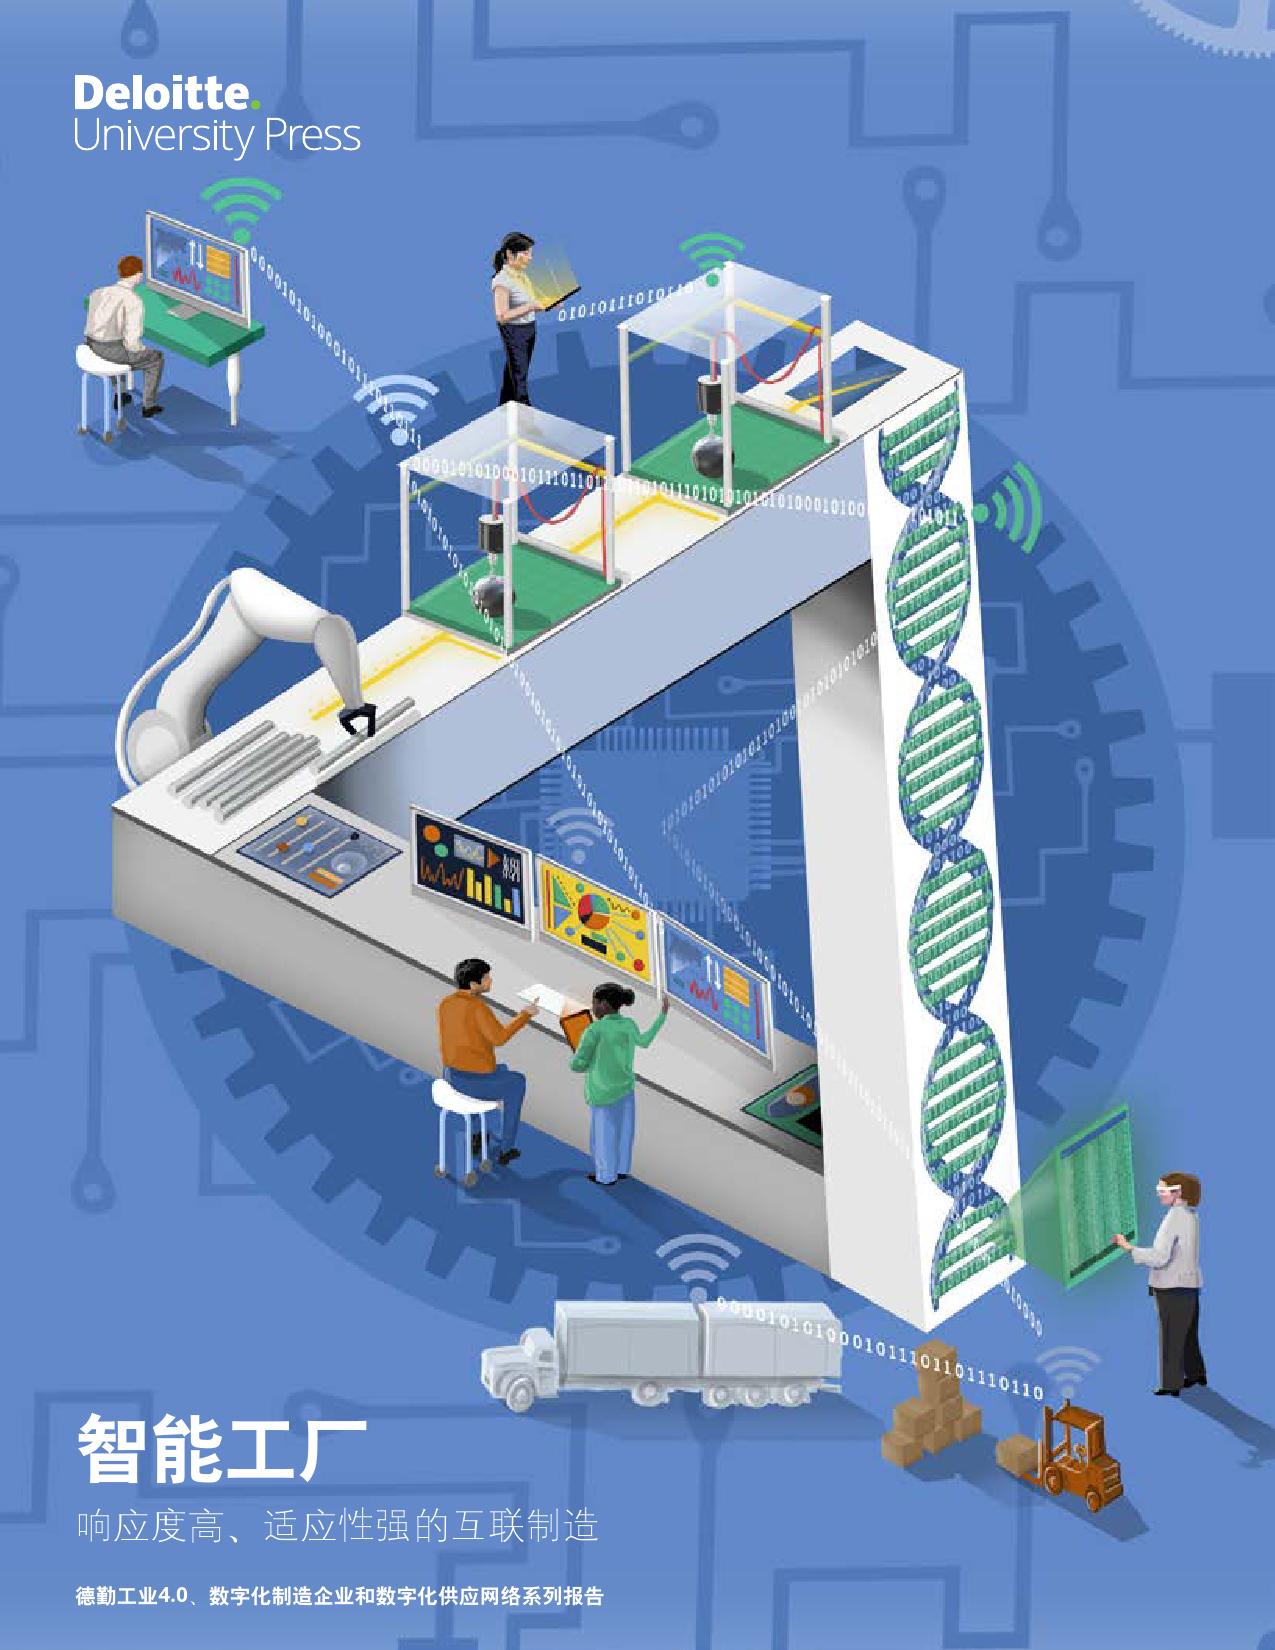 智能工厂:响应度高、适应性强的互联制造(附下载)